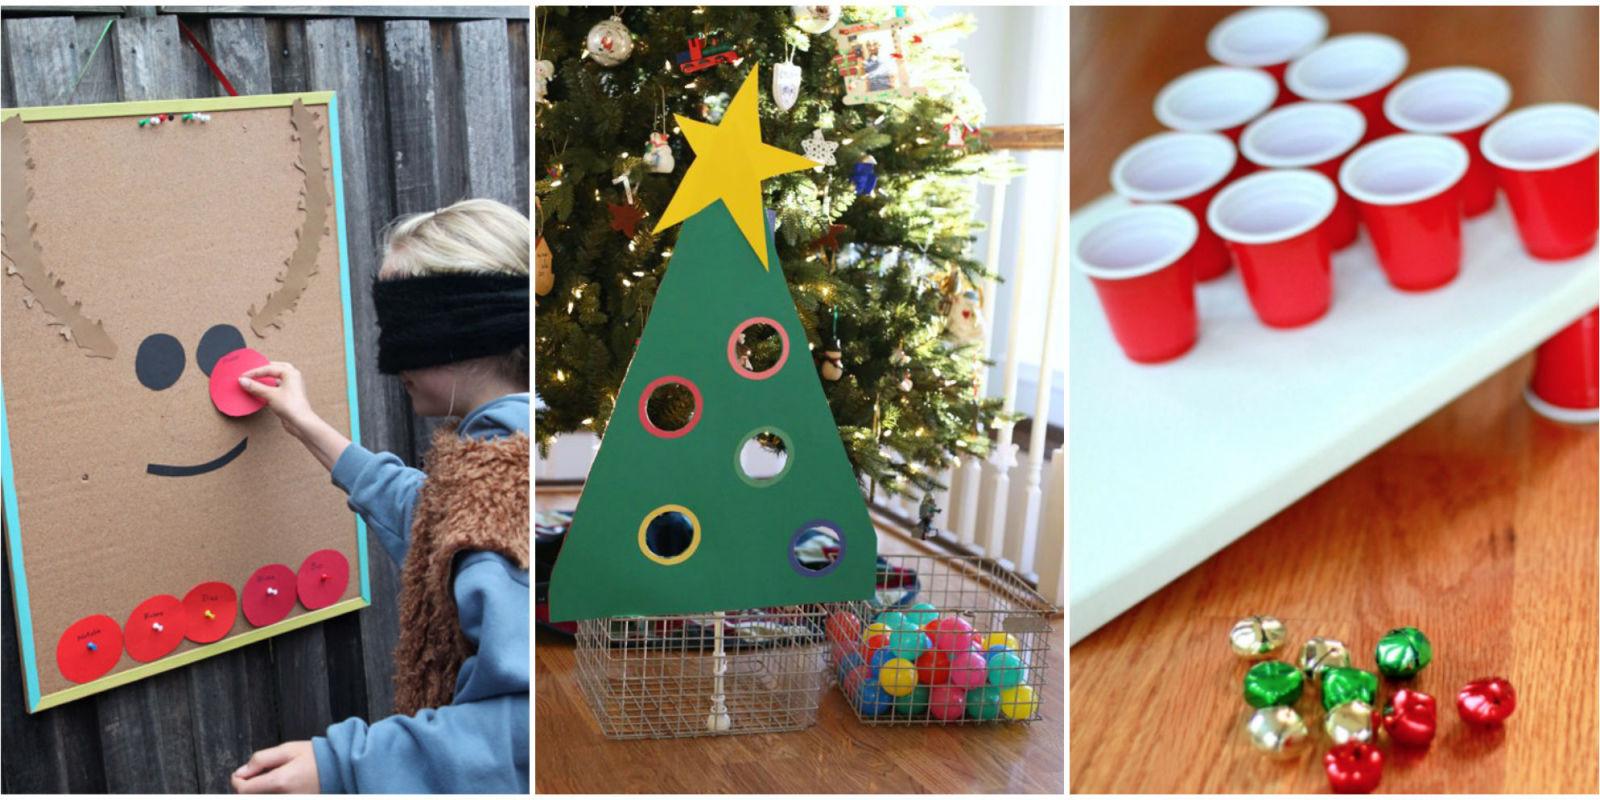 Team Building Christmas Gift Ideas